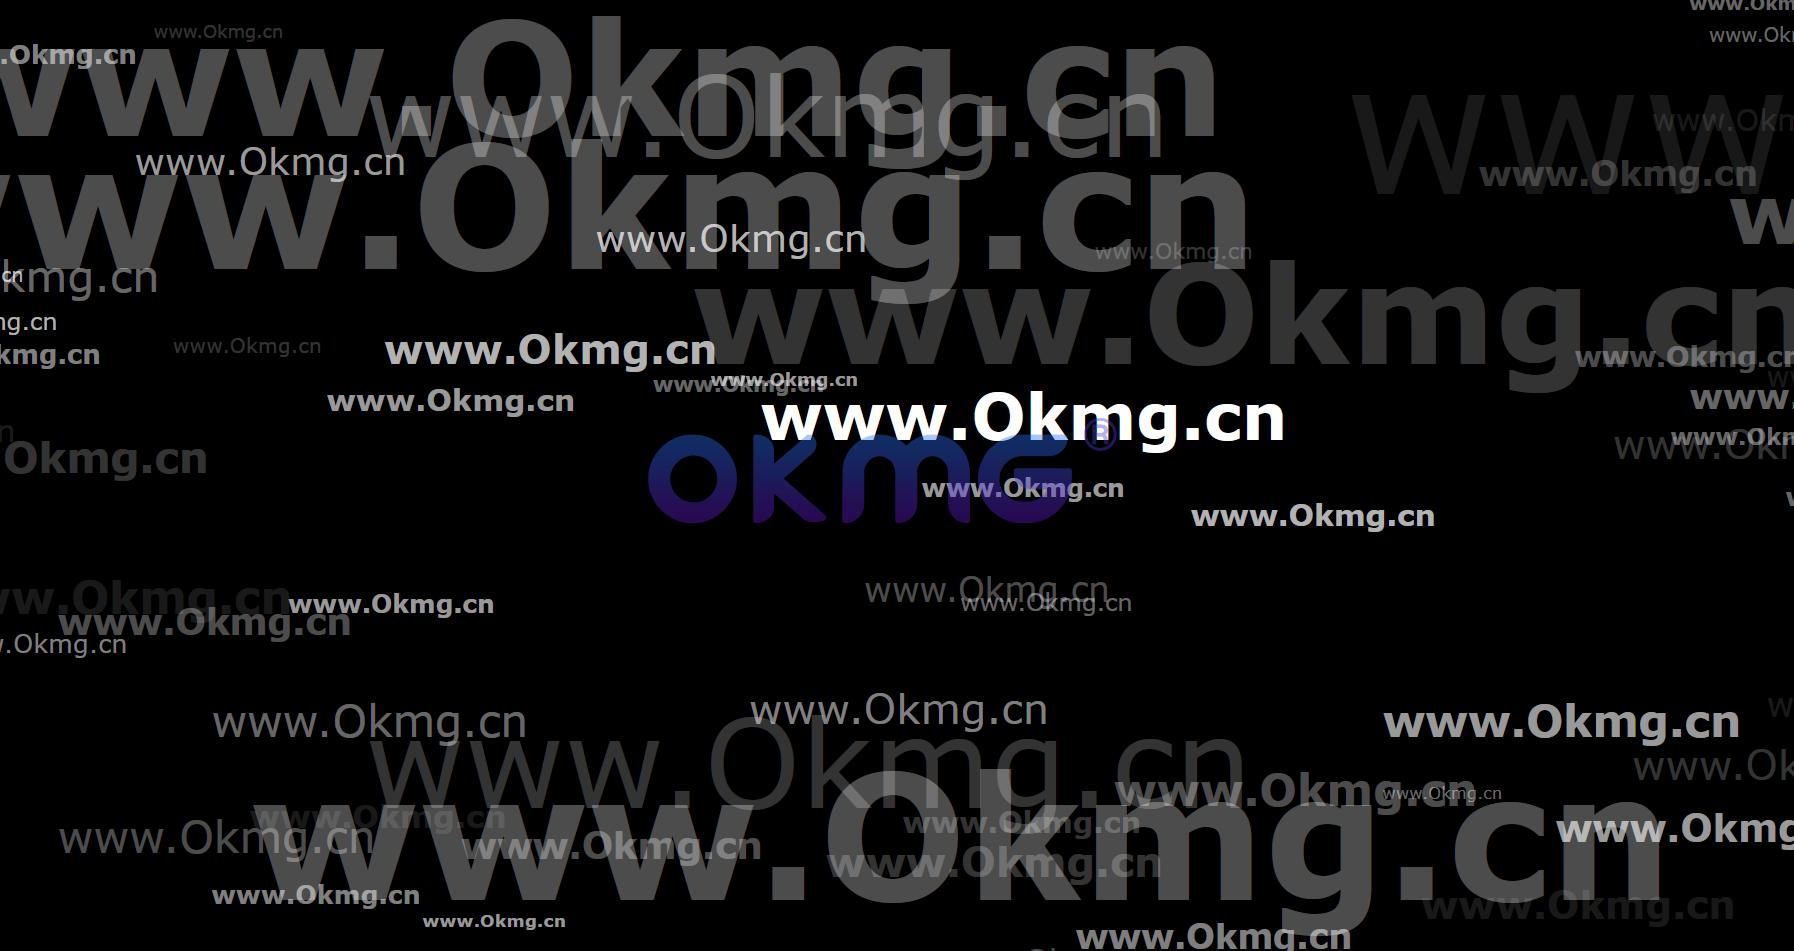 域名静态展示页,HTML模板